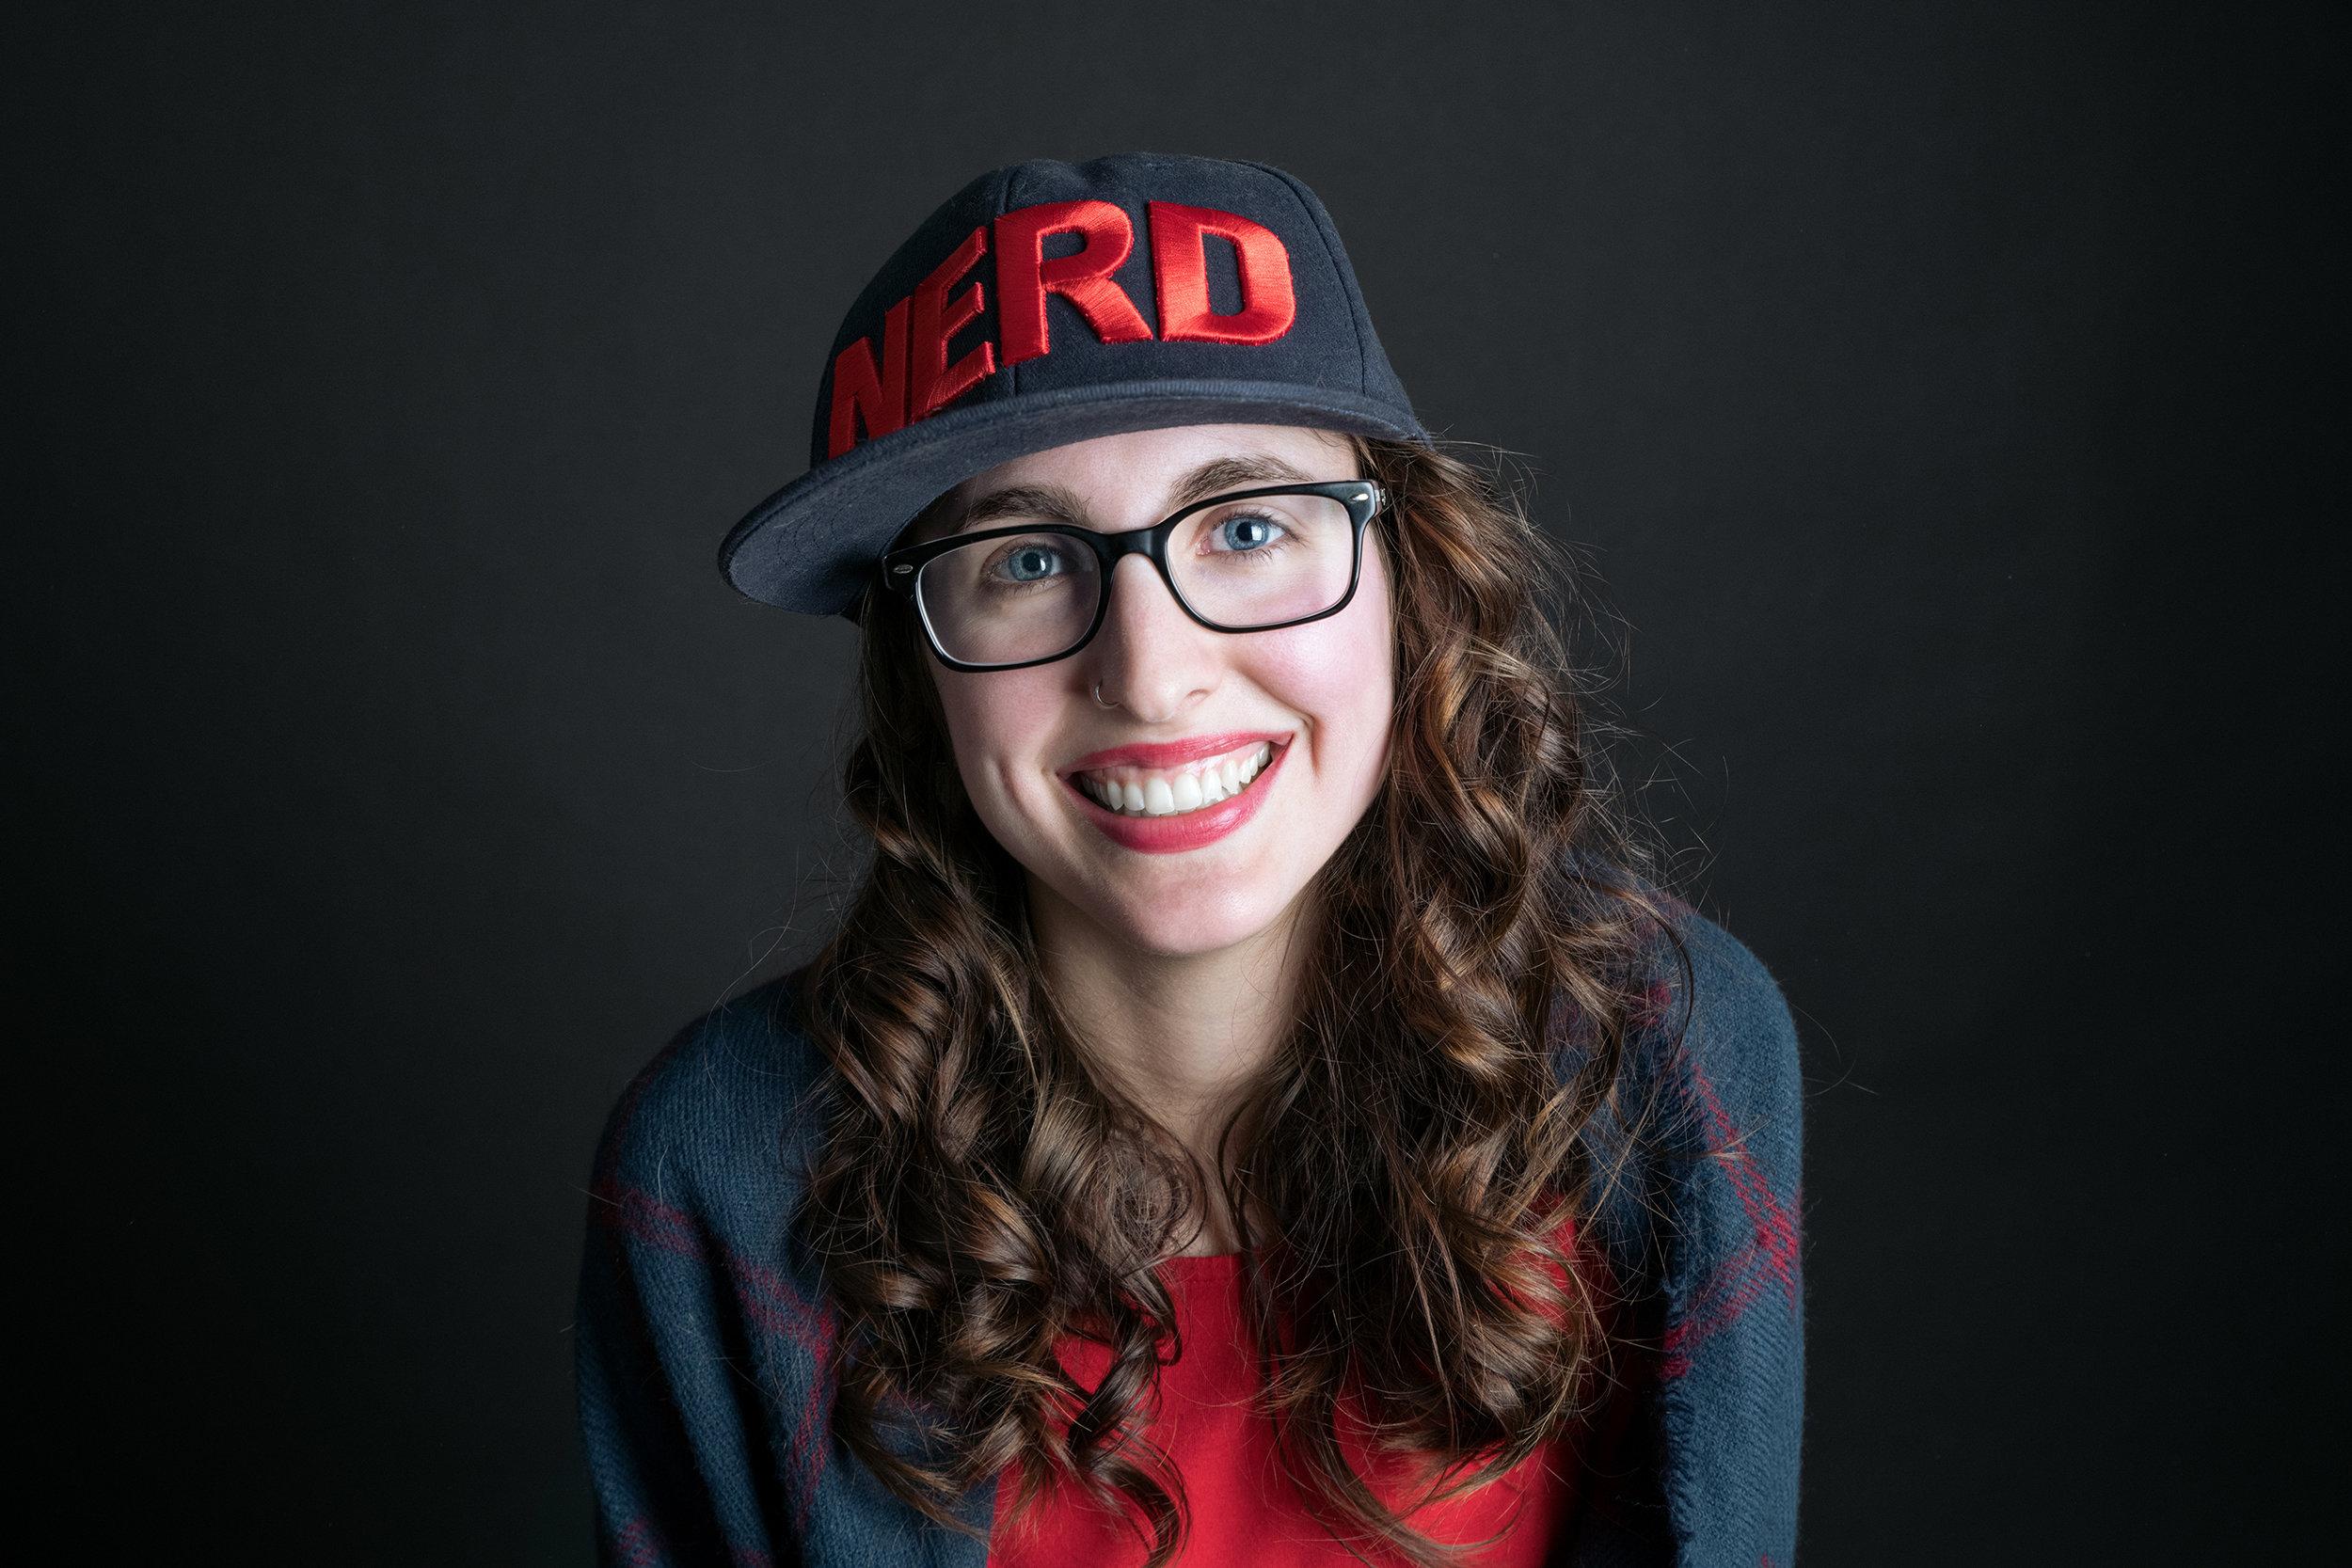 LeahEdelmanBrier_Sarah NERD smile_0580-WEB.jpg